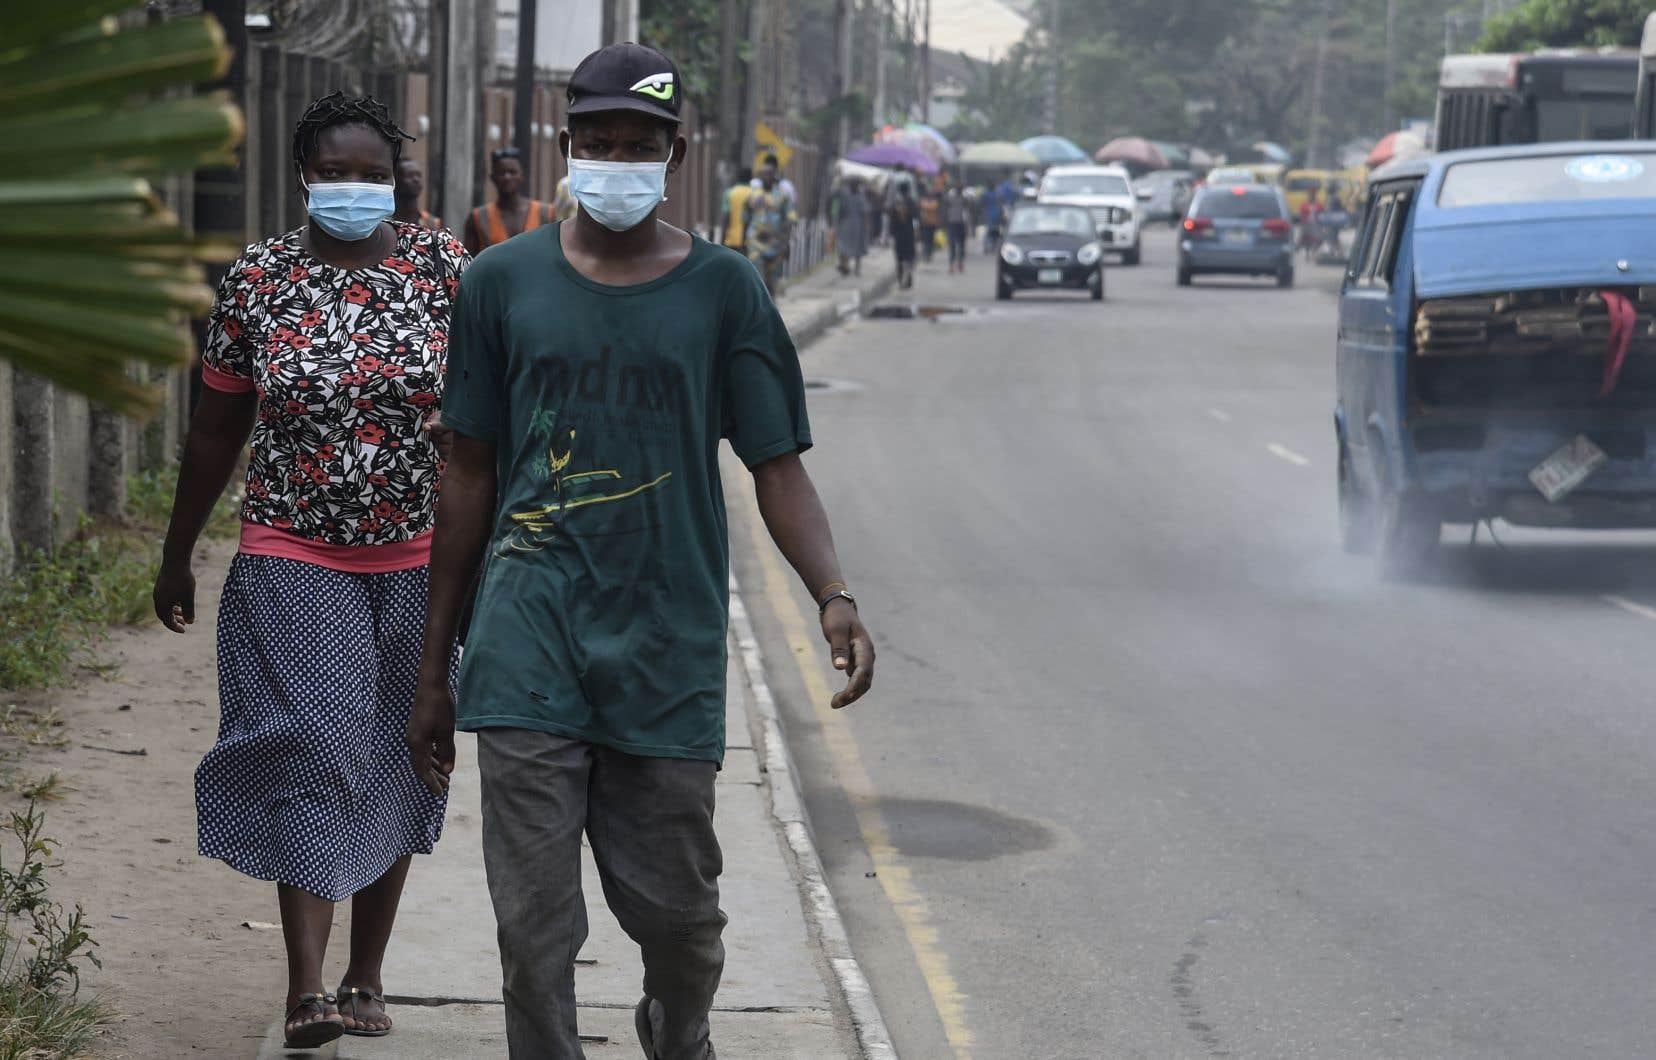 Le premier cas de coronavirus en Afrique subsaharienne a été confirmé vendredi au Nigeria.